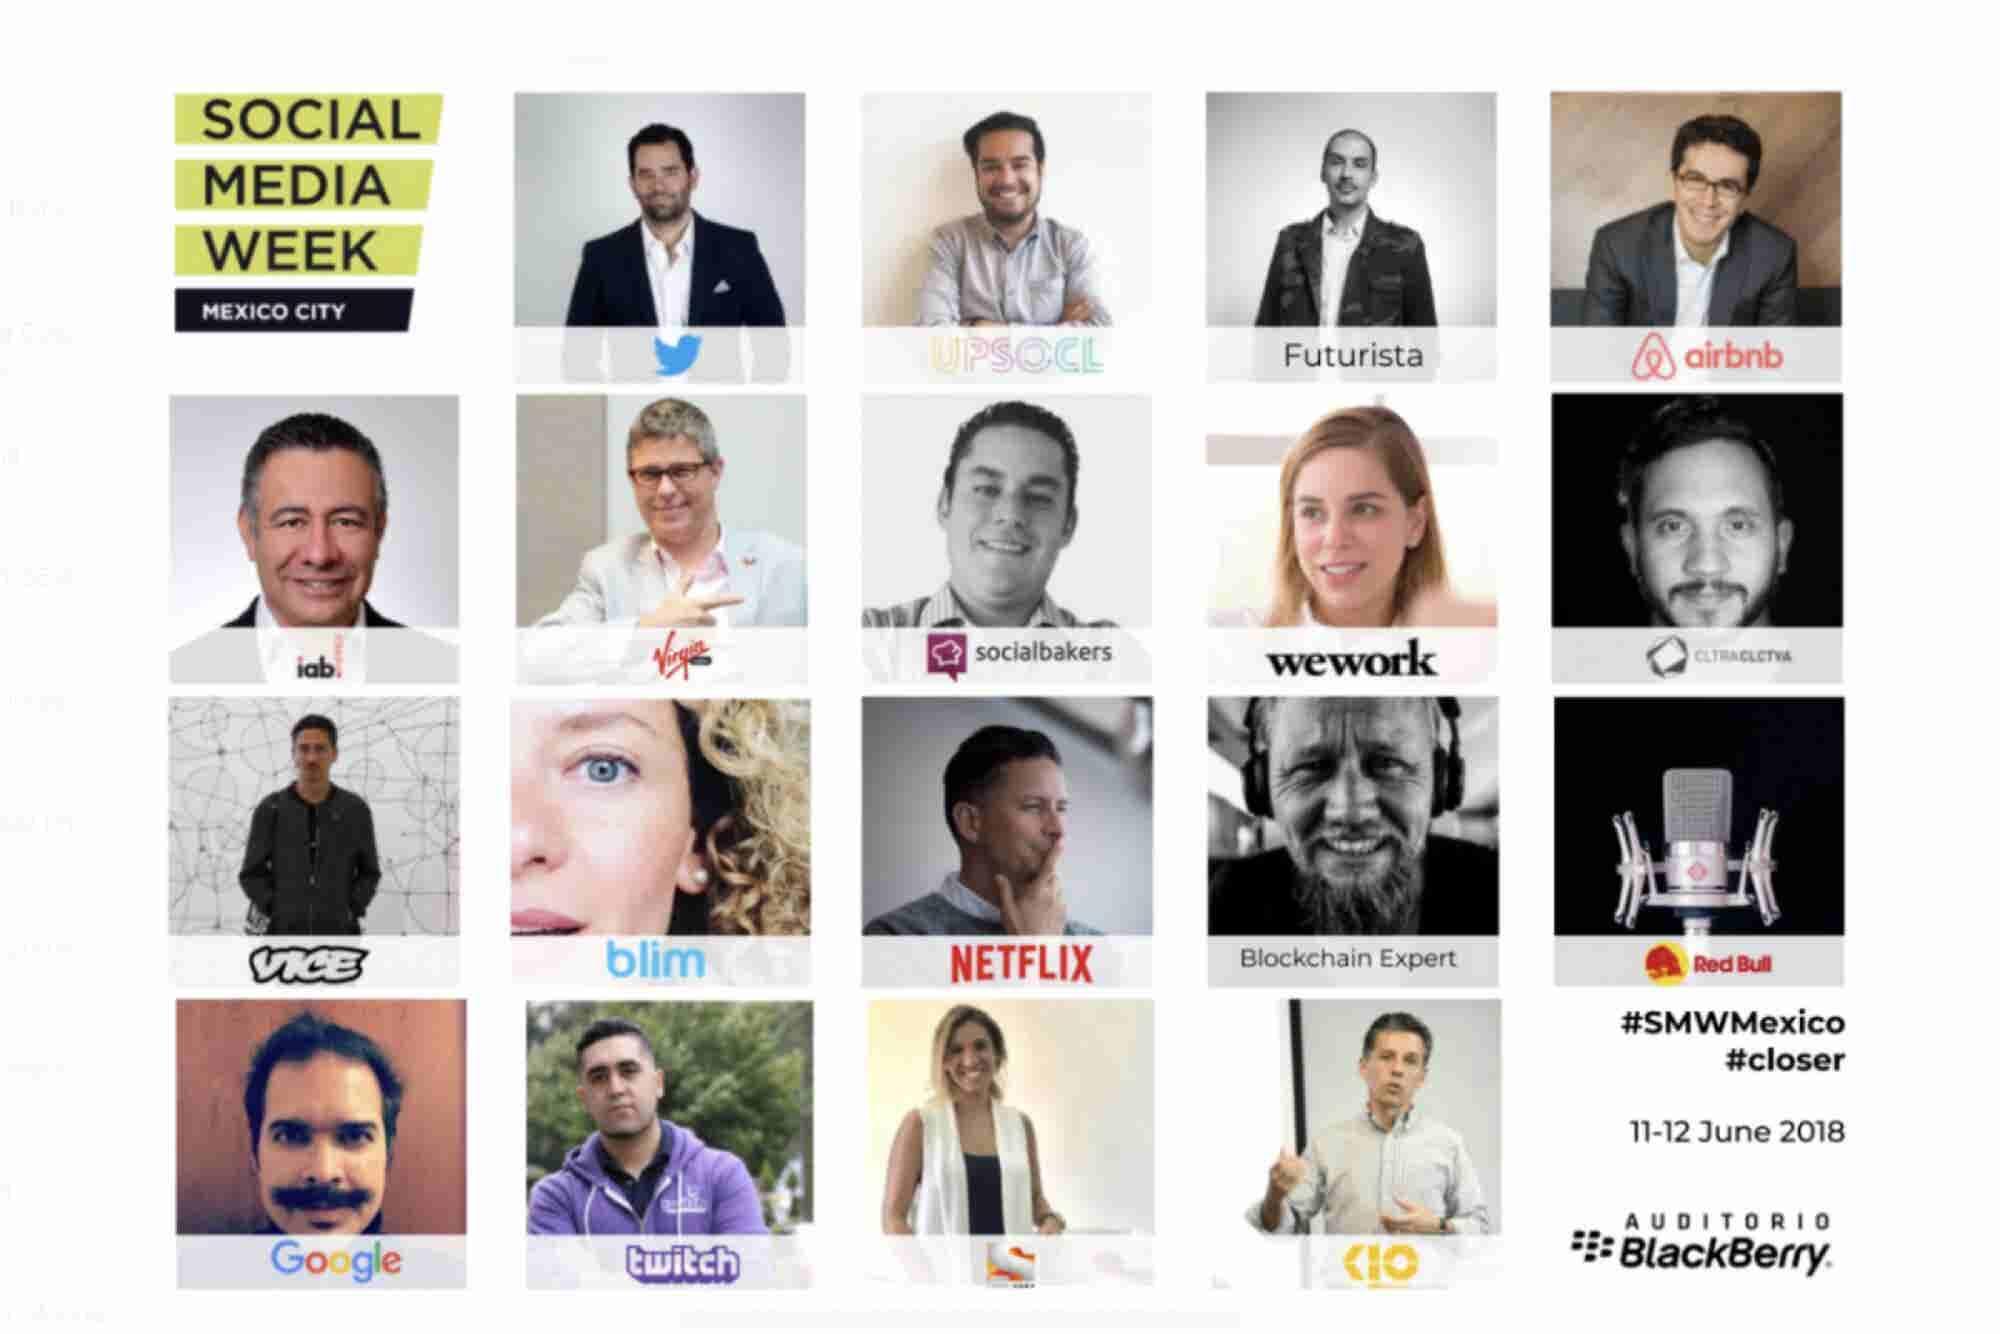 ¡Regresa el Social Media Week a Mexico!